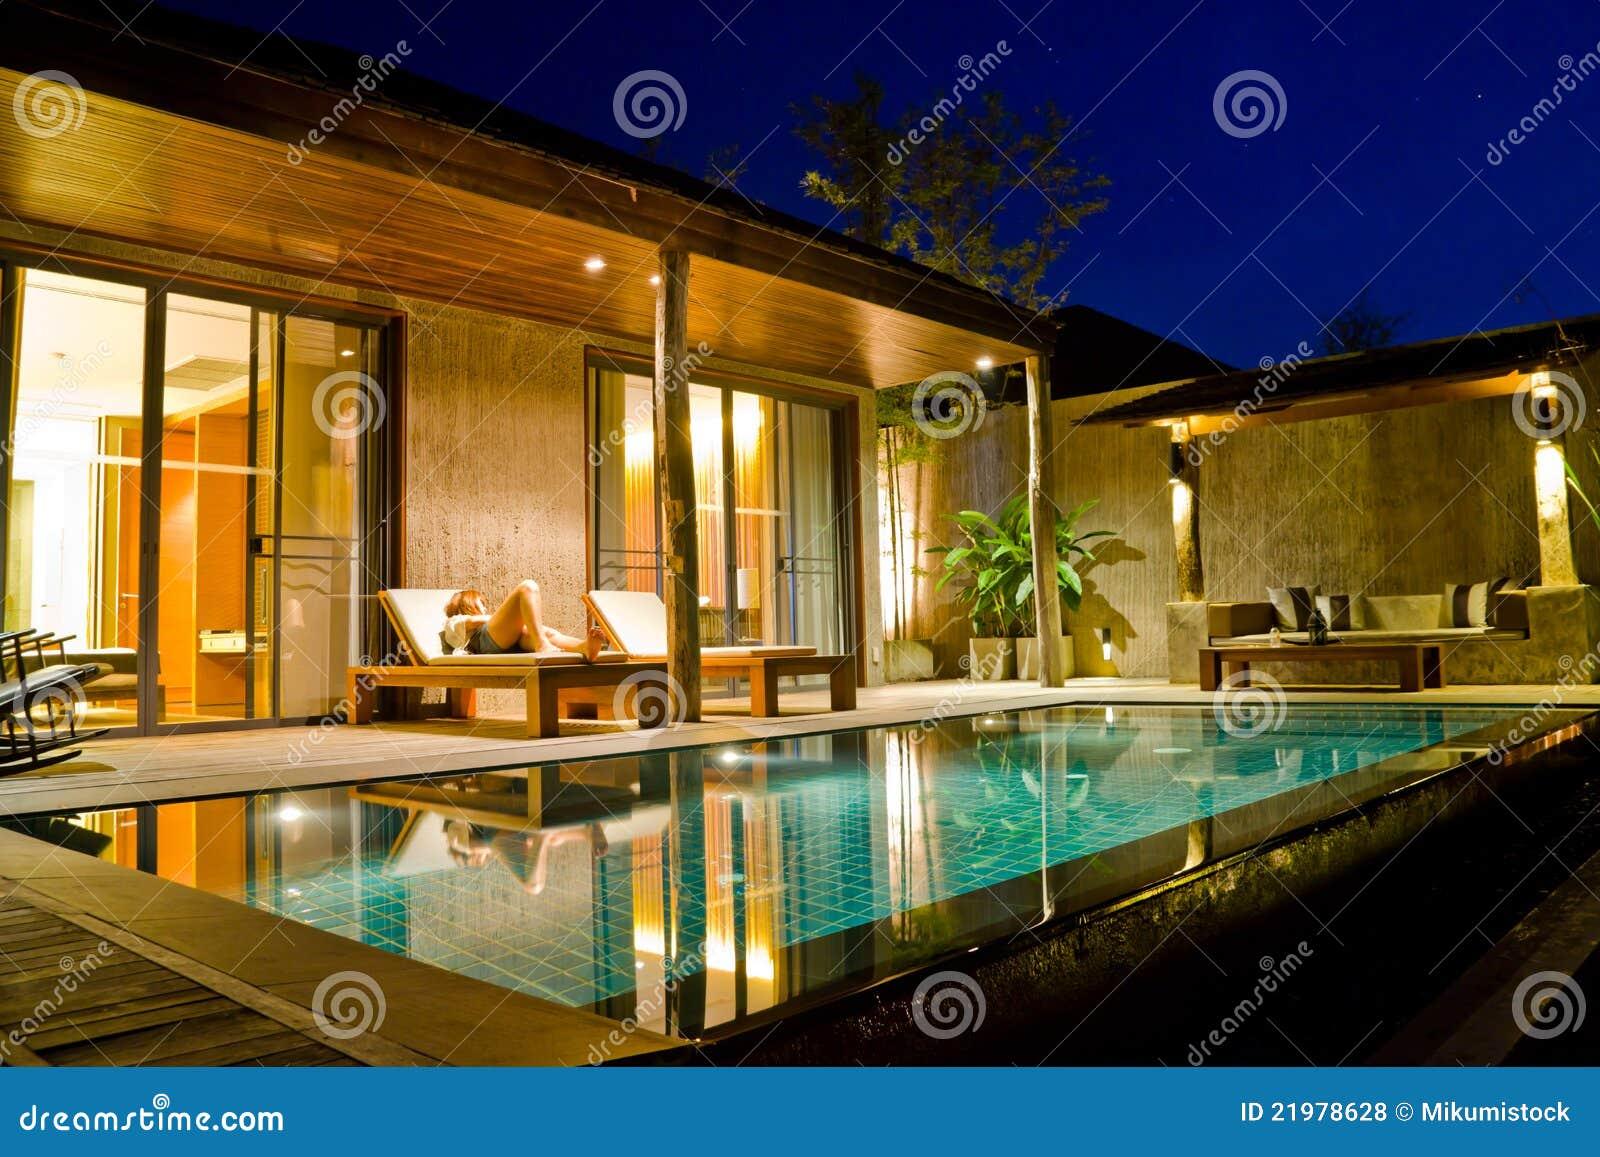 Casa moderna com piscina foto de stock imagem de moderno for Casa moderna orari